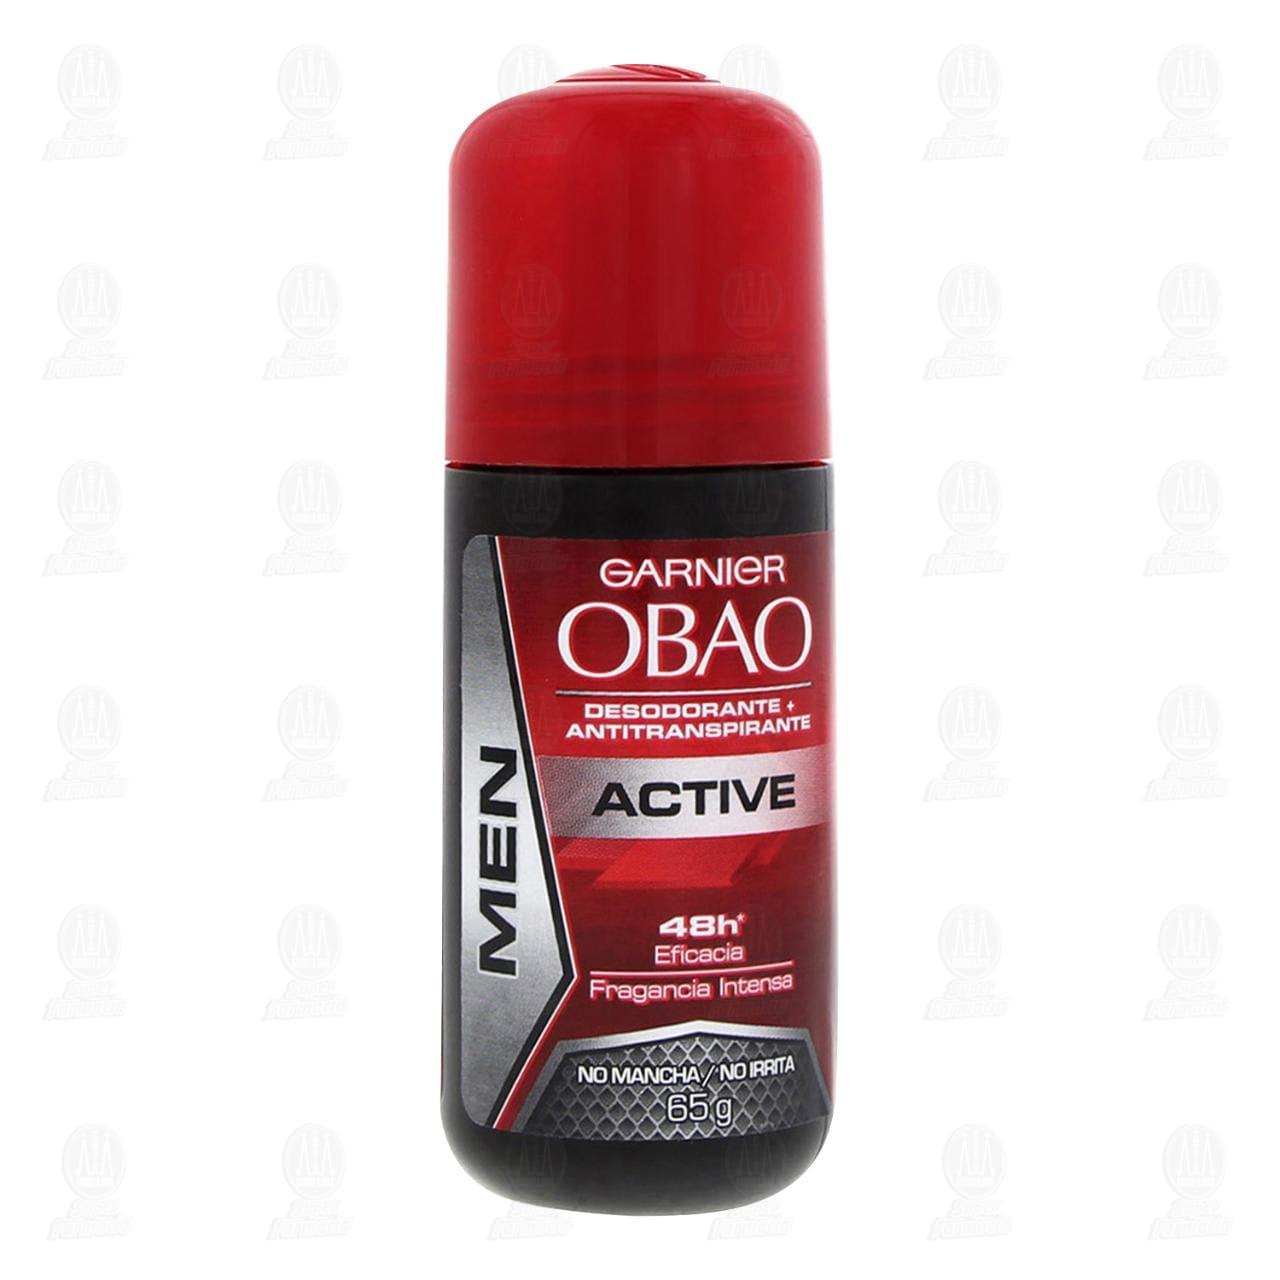 Comprar Desodorante + Antitranspirante Garnier Obao Men Active Roll-On, 65 gr. en Farmacias Guadalajara